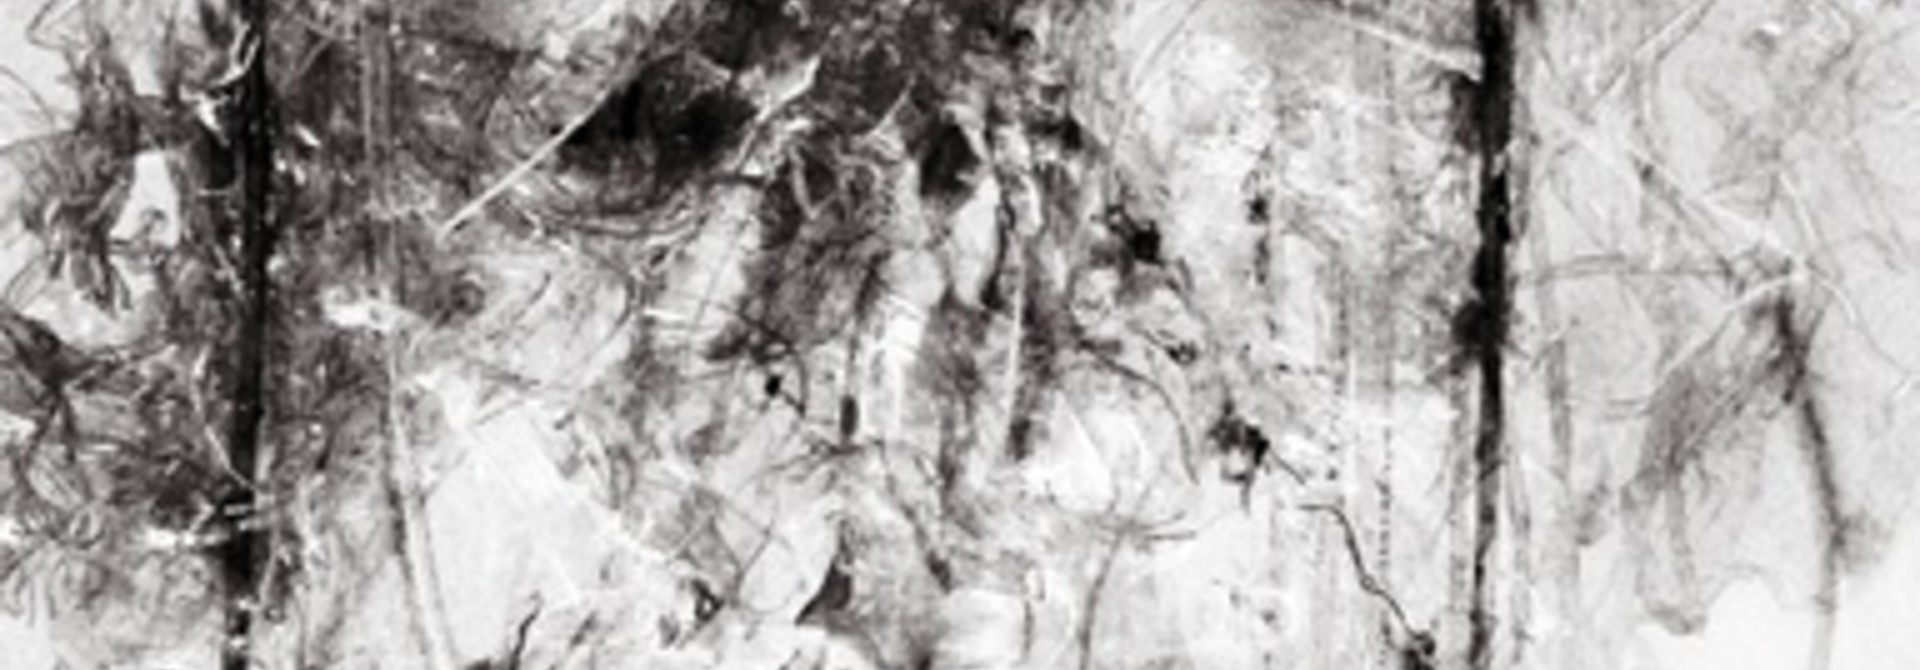 Aquafina Ganesha I v.2